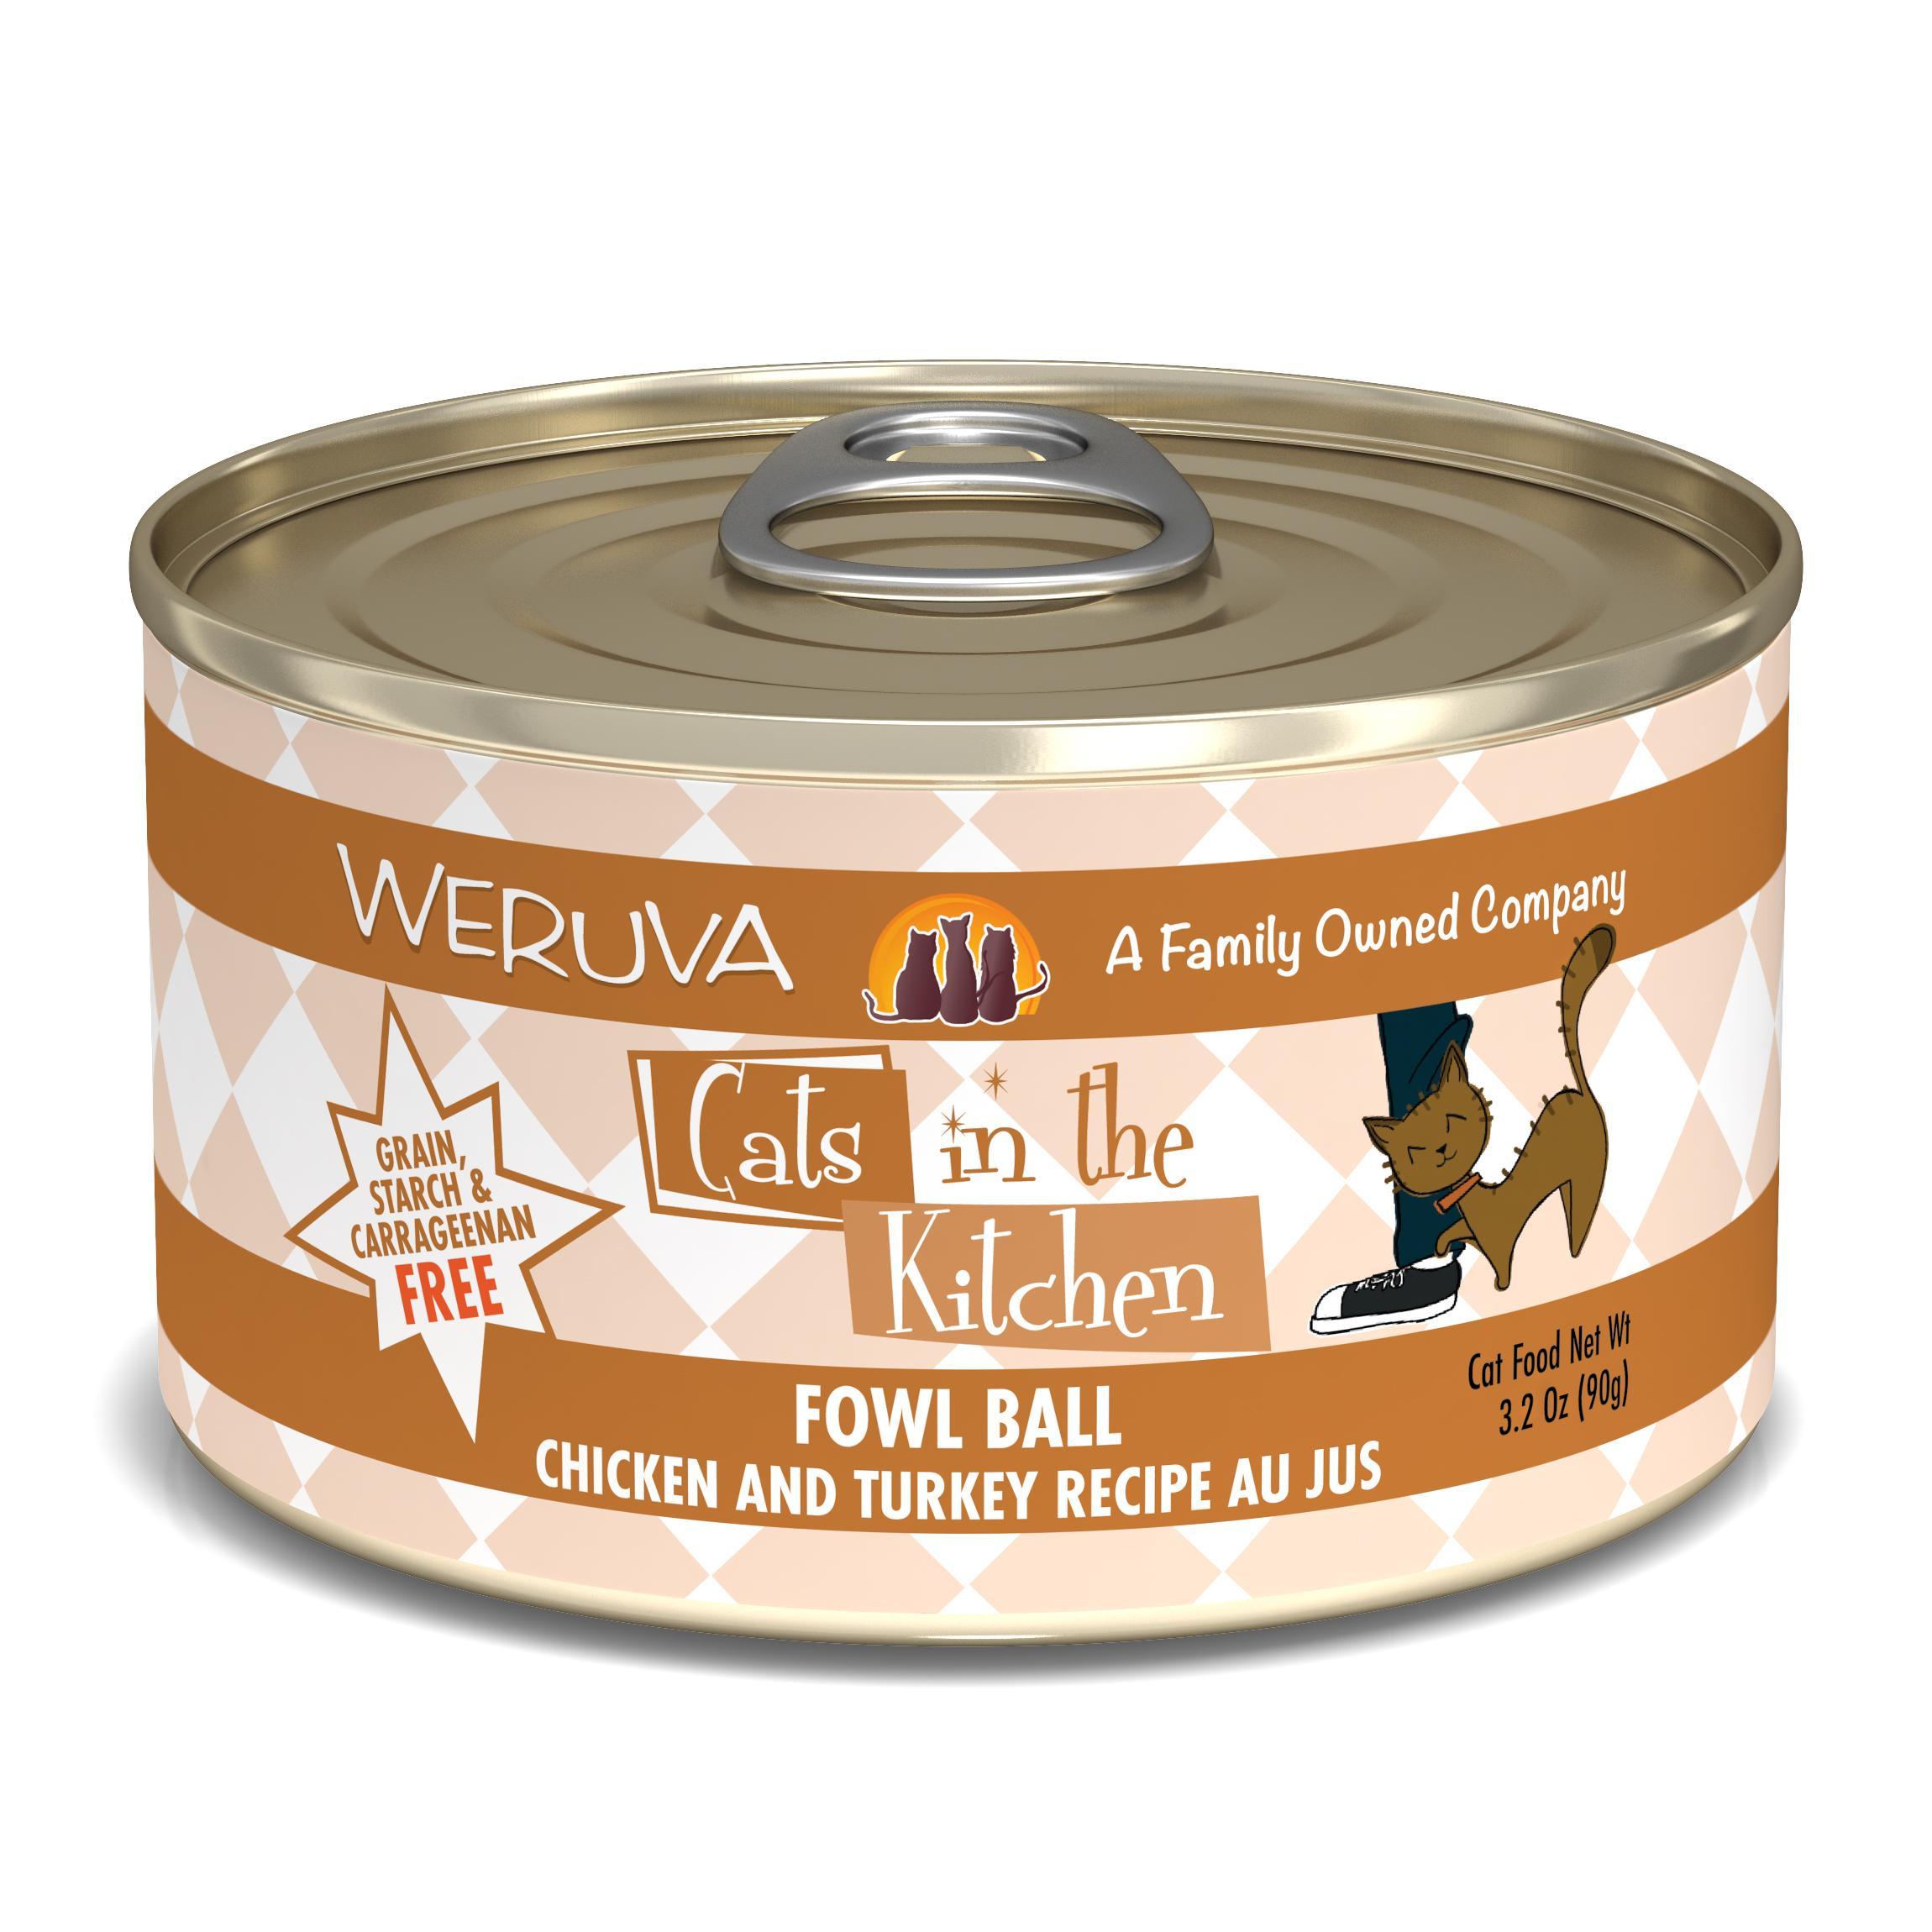 Weruva Cats in the Kitchen Fowl Ball Chicken & Turkey Au Jus Grain-Free Wet Cat Food Image